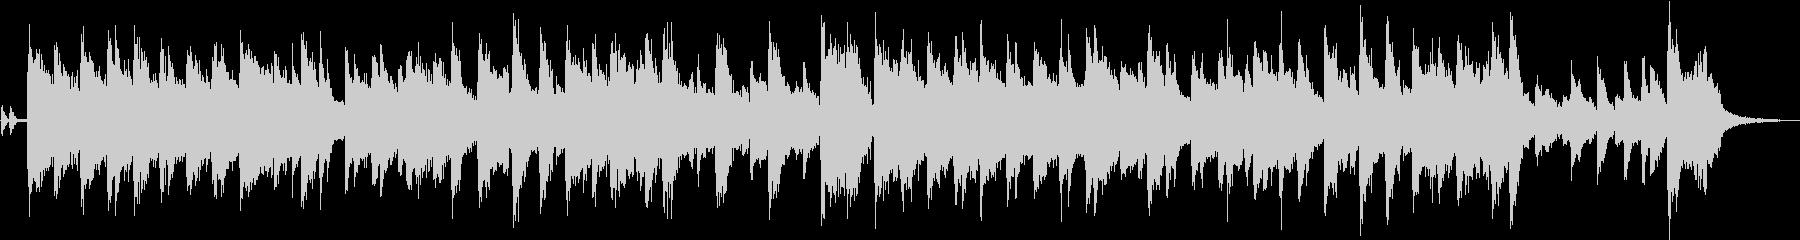 ハモンドオルガンが印象的なジャズジングルの未再生の波形